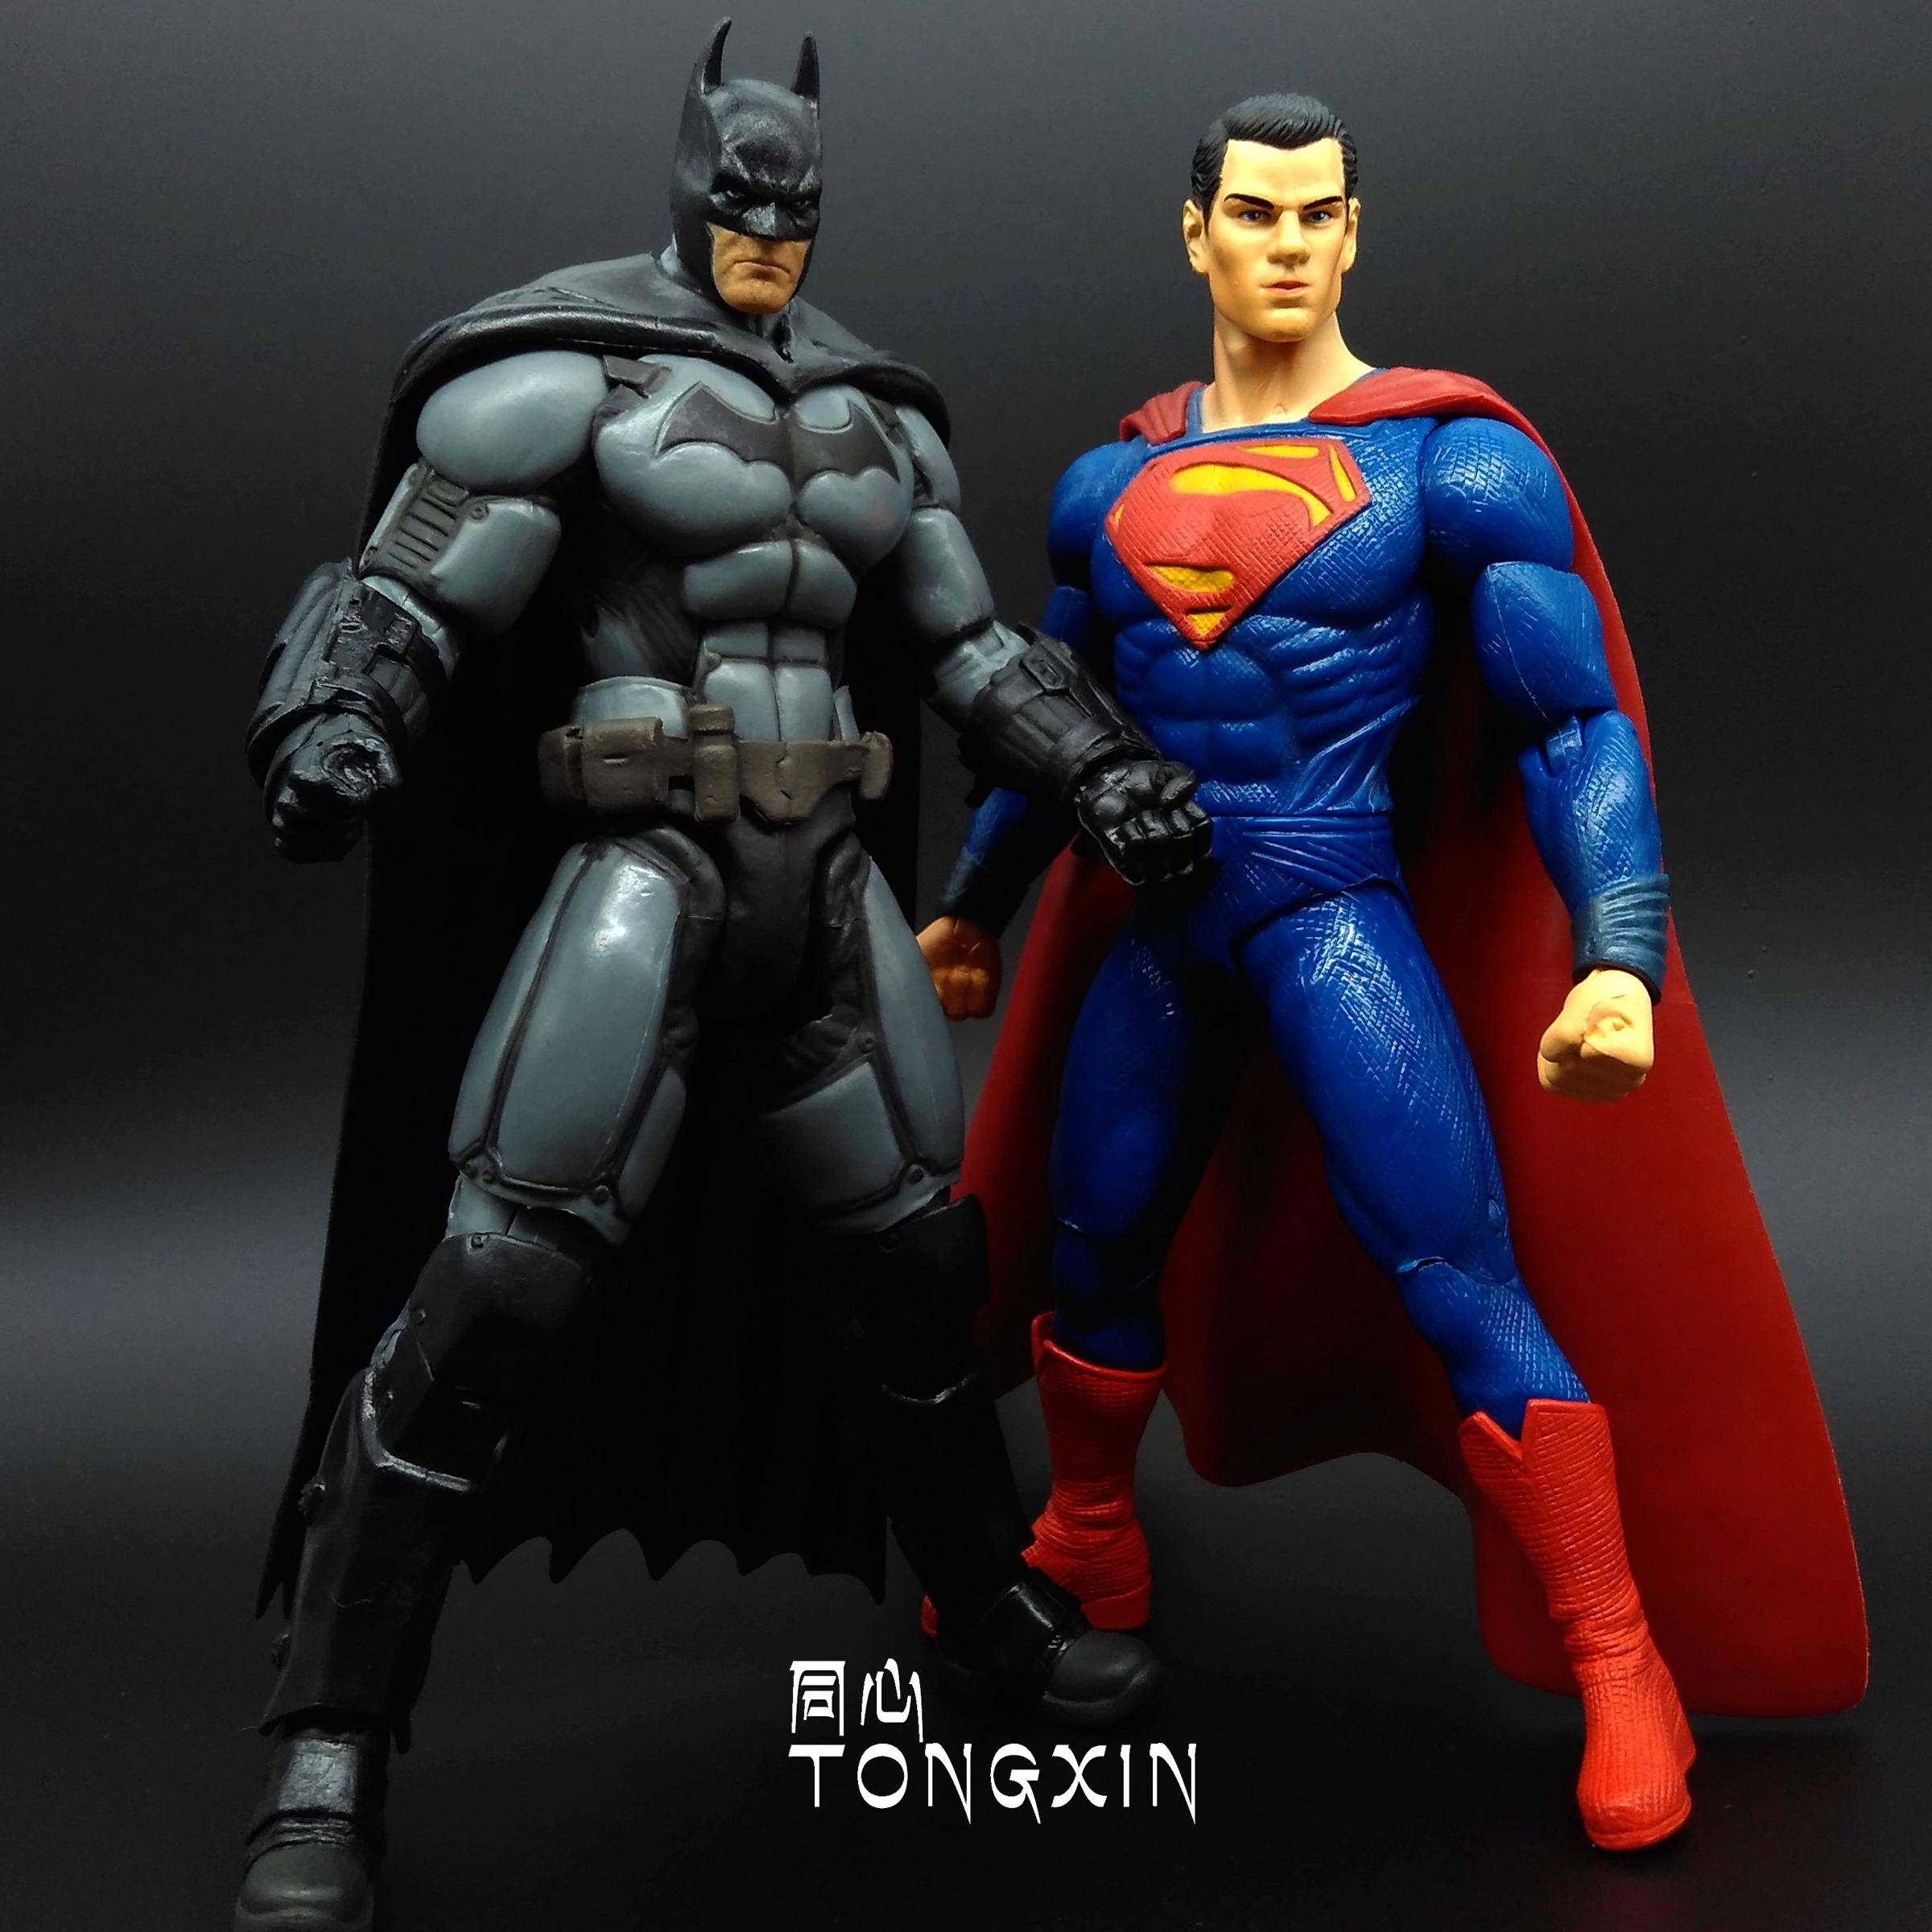 蝙蝠俠大戰超人正義聯盟 小丑擺件可動人偶手辦公仔玩具模型 DC